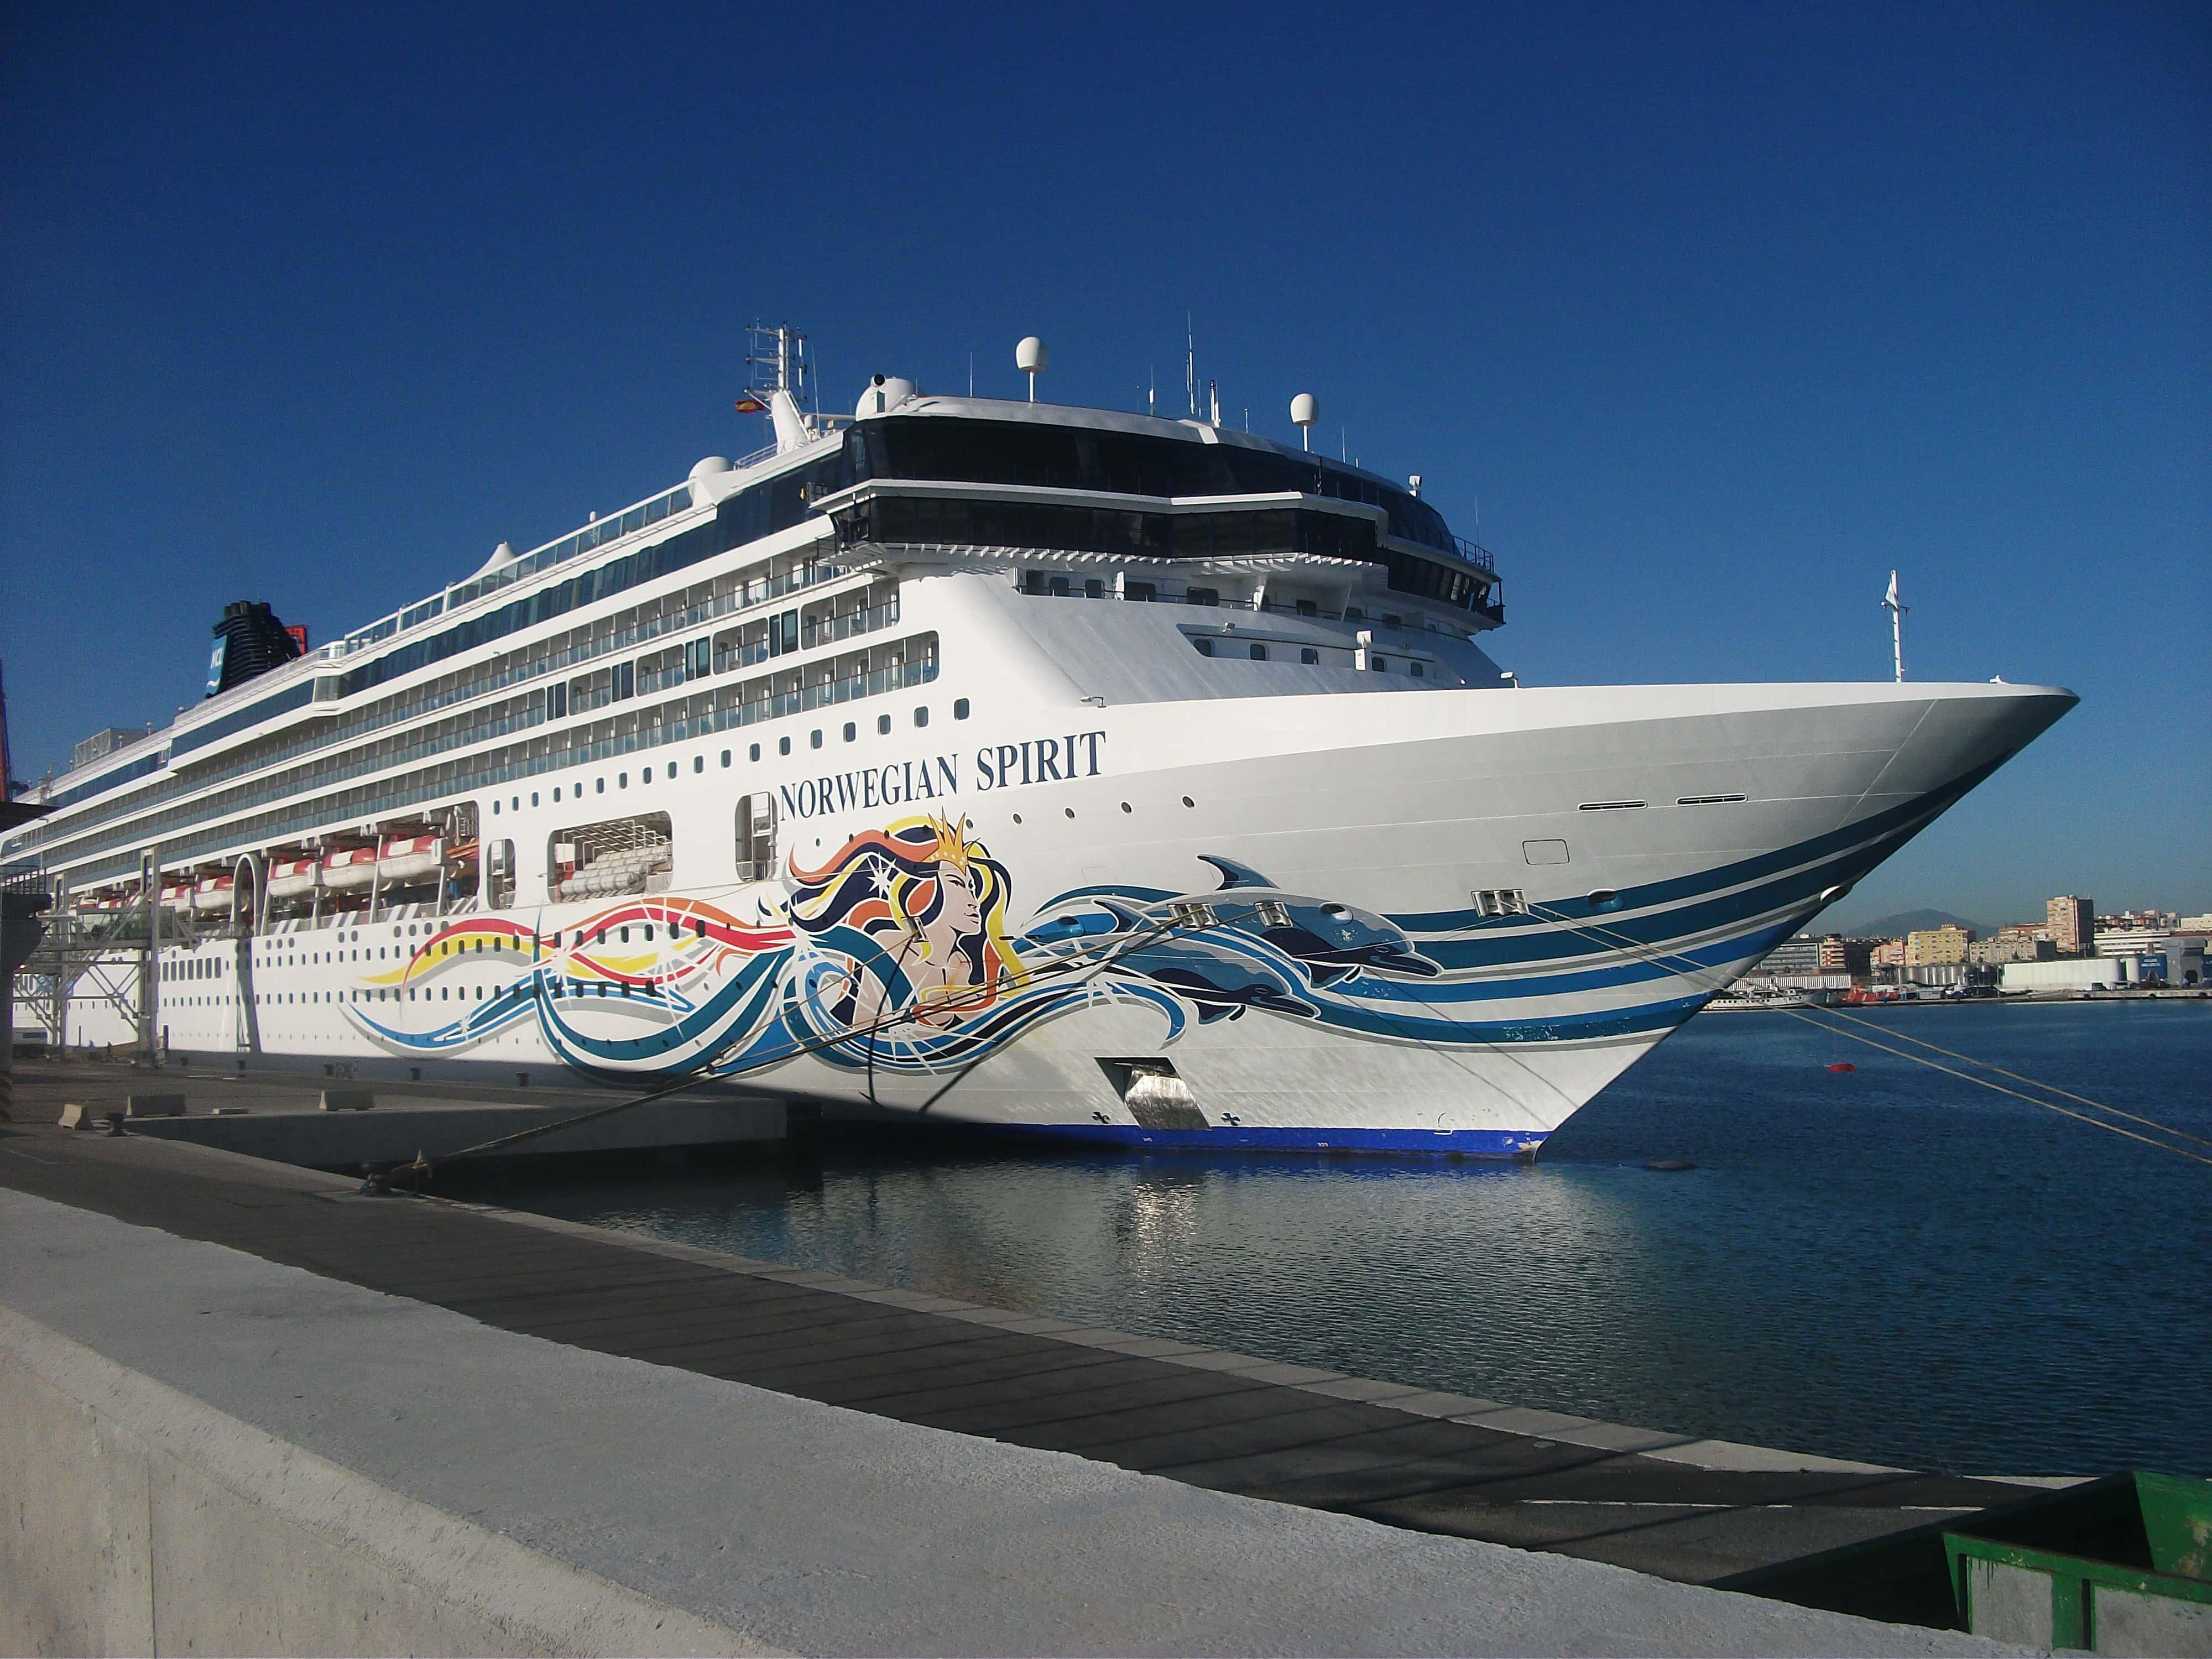 Norwegian Spirit cruise ship